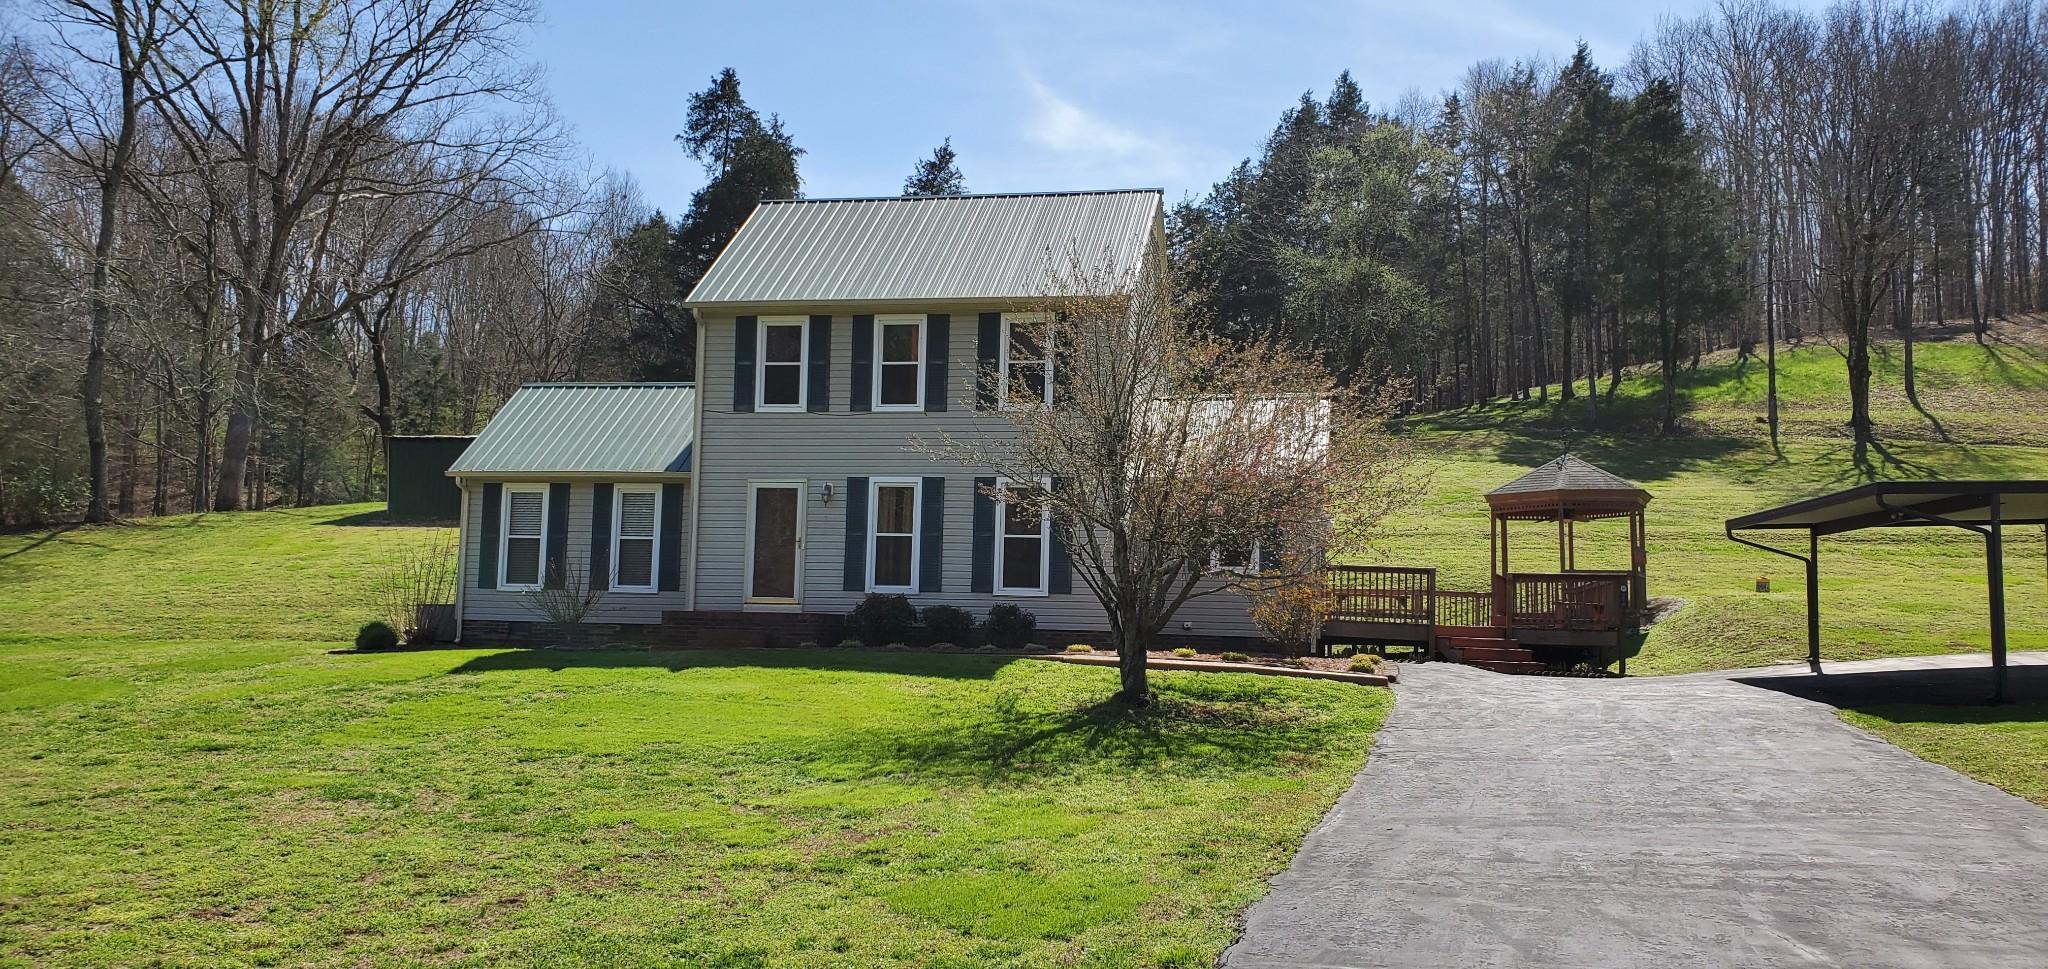 573 Waterloo Rd, Westpoint, TN 38486 - Westpoint, TN real estate listing